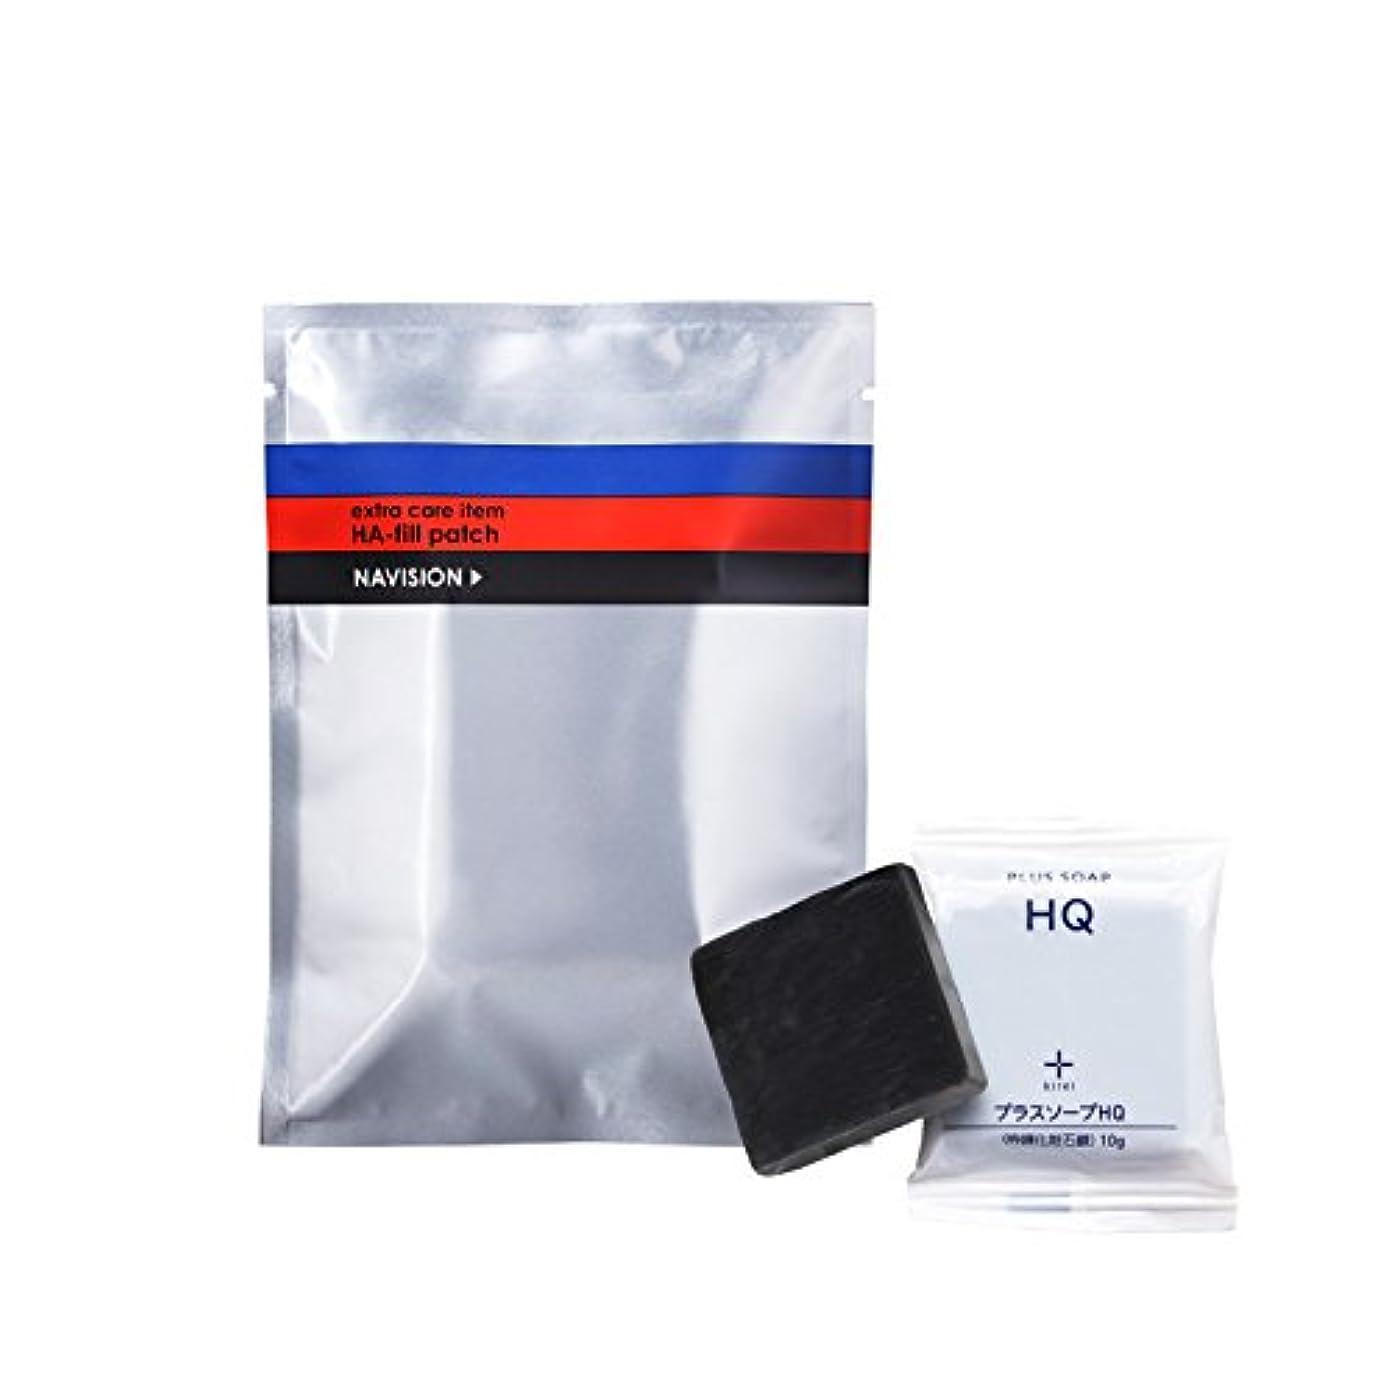 頑固な教育者パイルナビジョン NAVISION HAフィルパッチ(2枚×3包入) + プラスキレイ プラスソープHQミニ